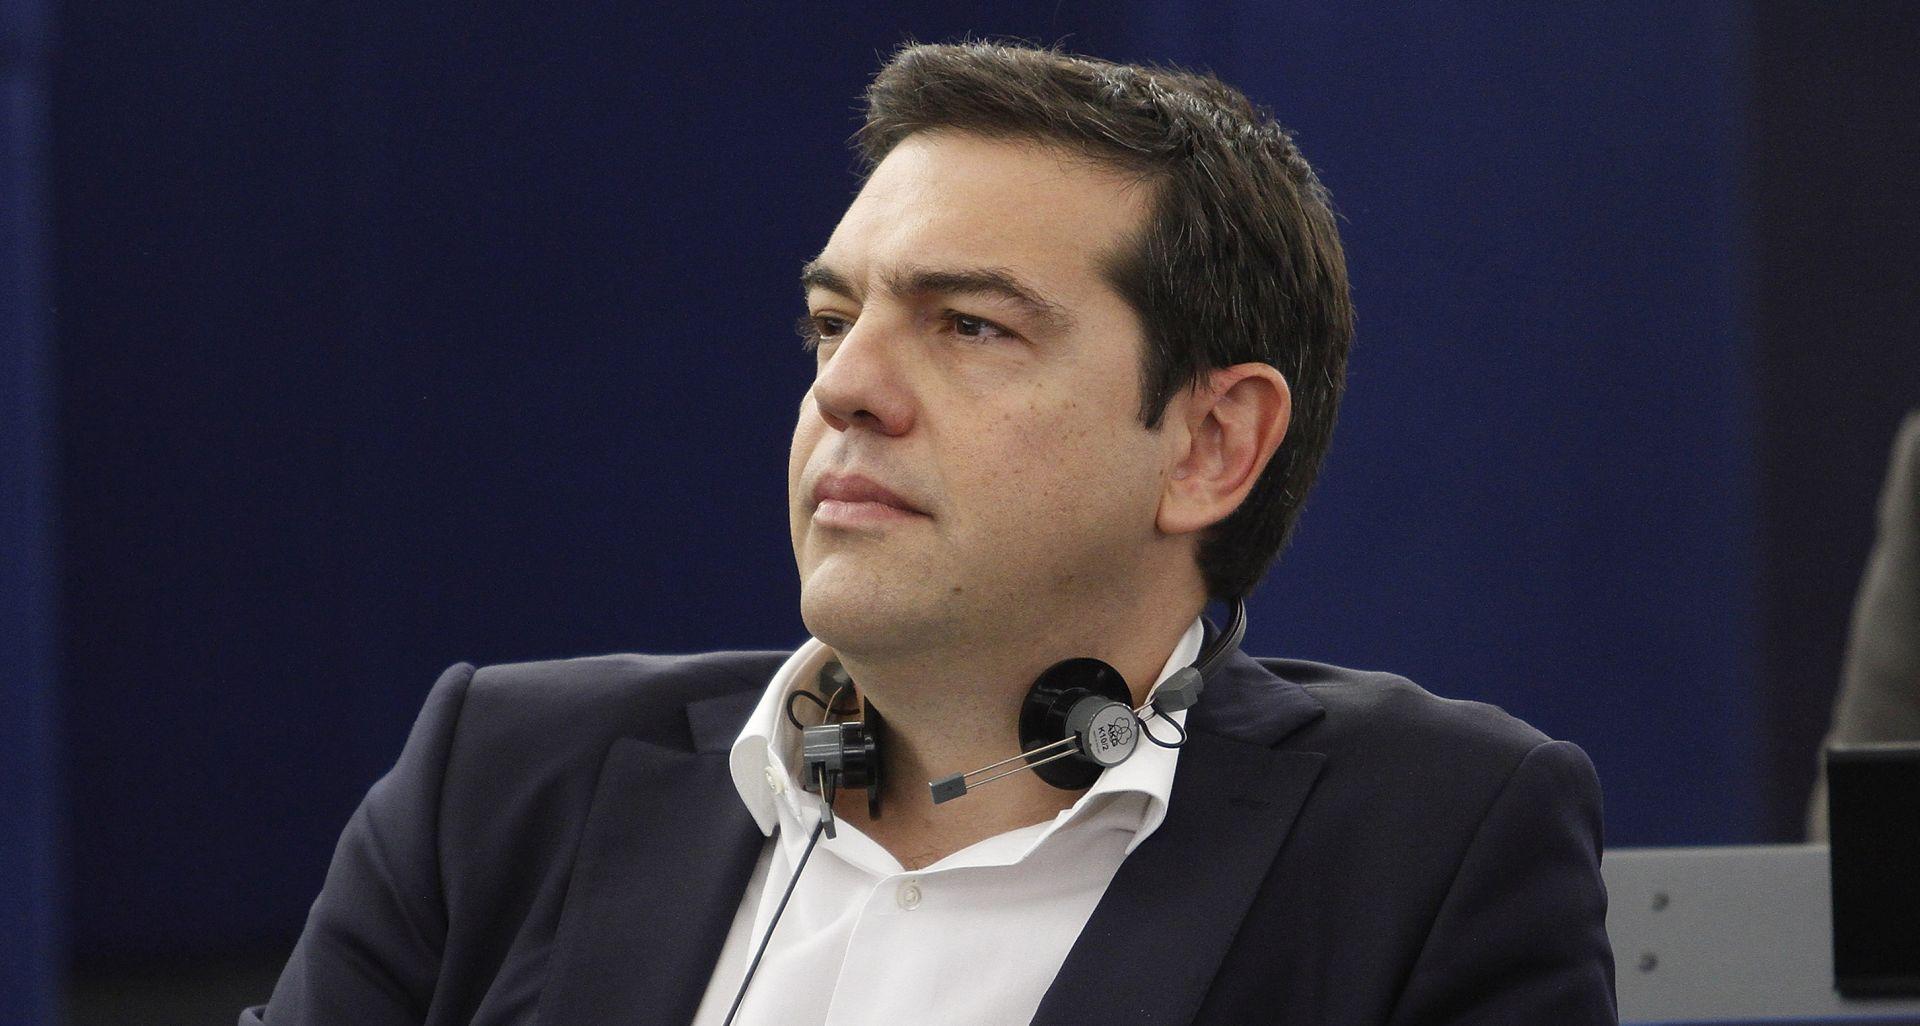 BLIŽE DOGOVORU? Cipras, Hollande, Merkel i Tusk predložili kompromisni prijedlog